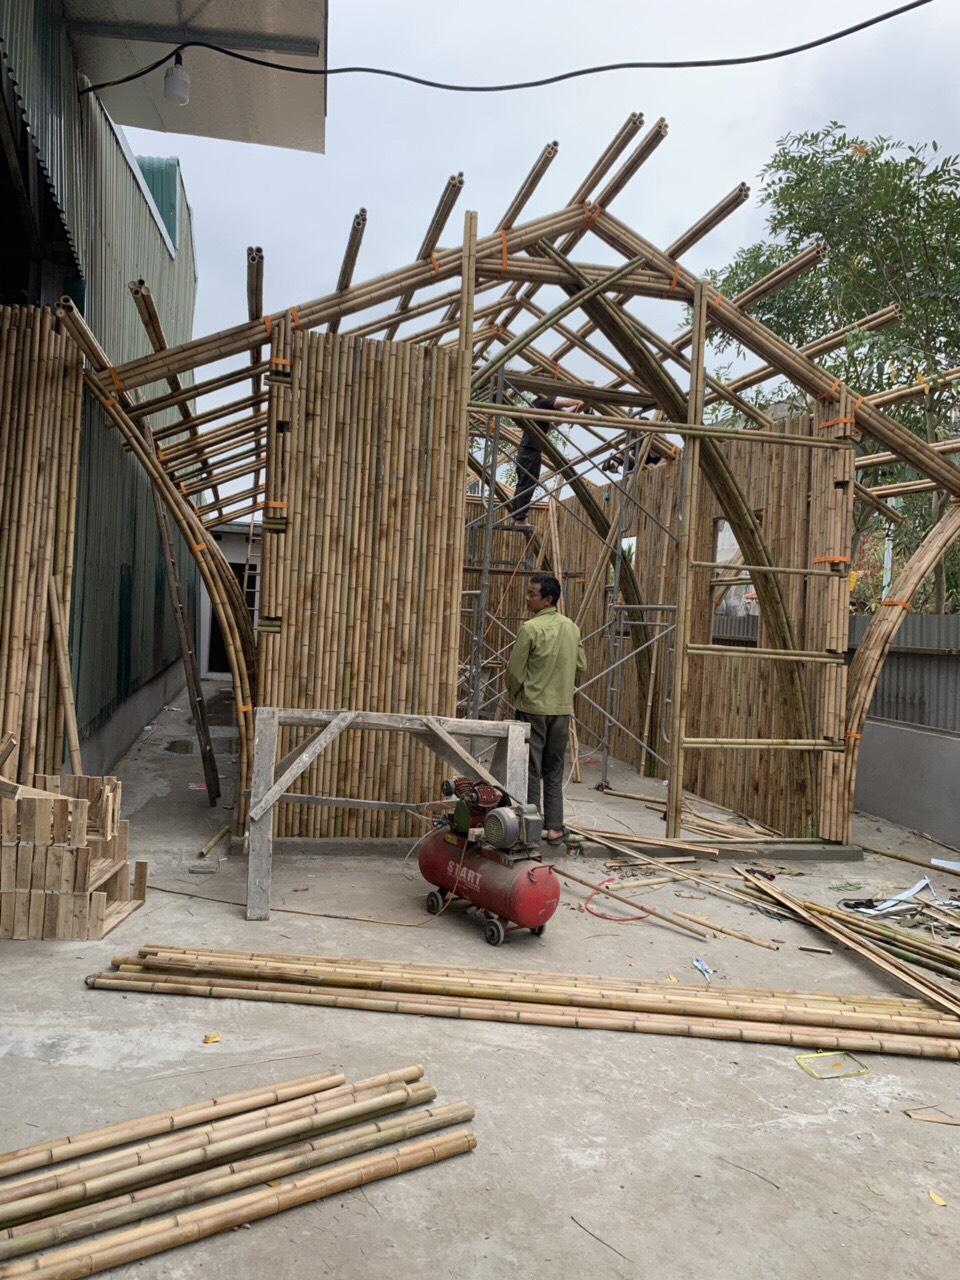 Thi Công Tre Trúc chính là đơn vị cung cấp tre tốt nhất cho các công trình tre trúc tại Sài Gòn